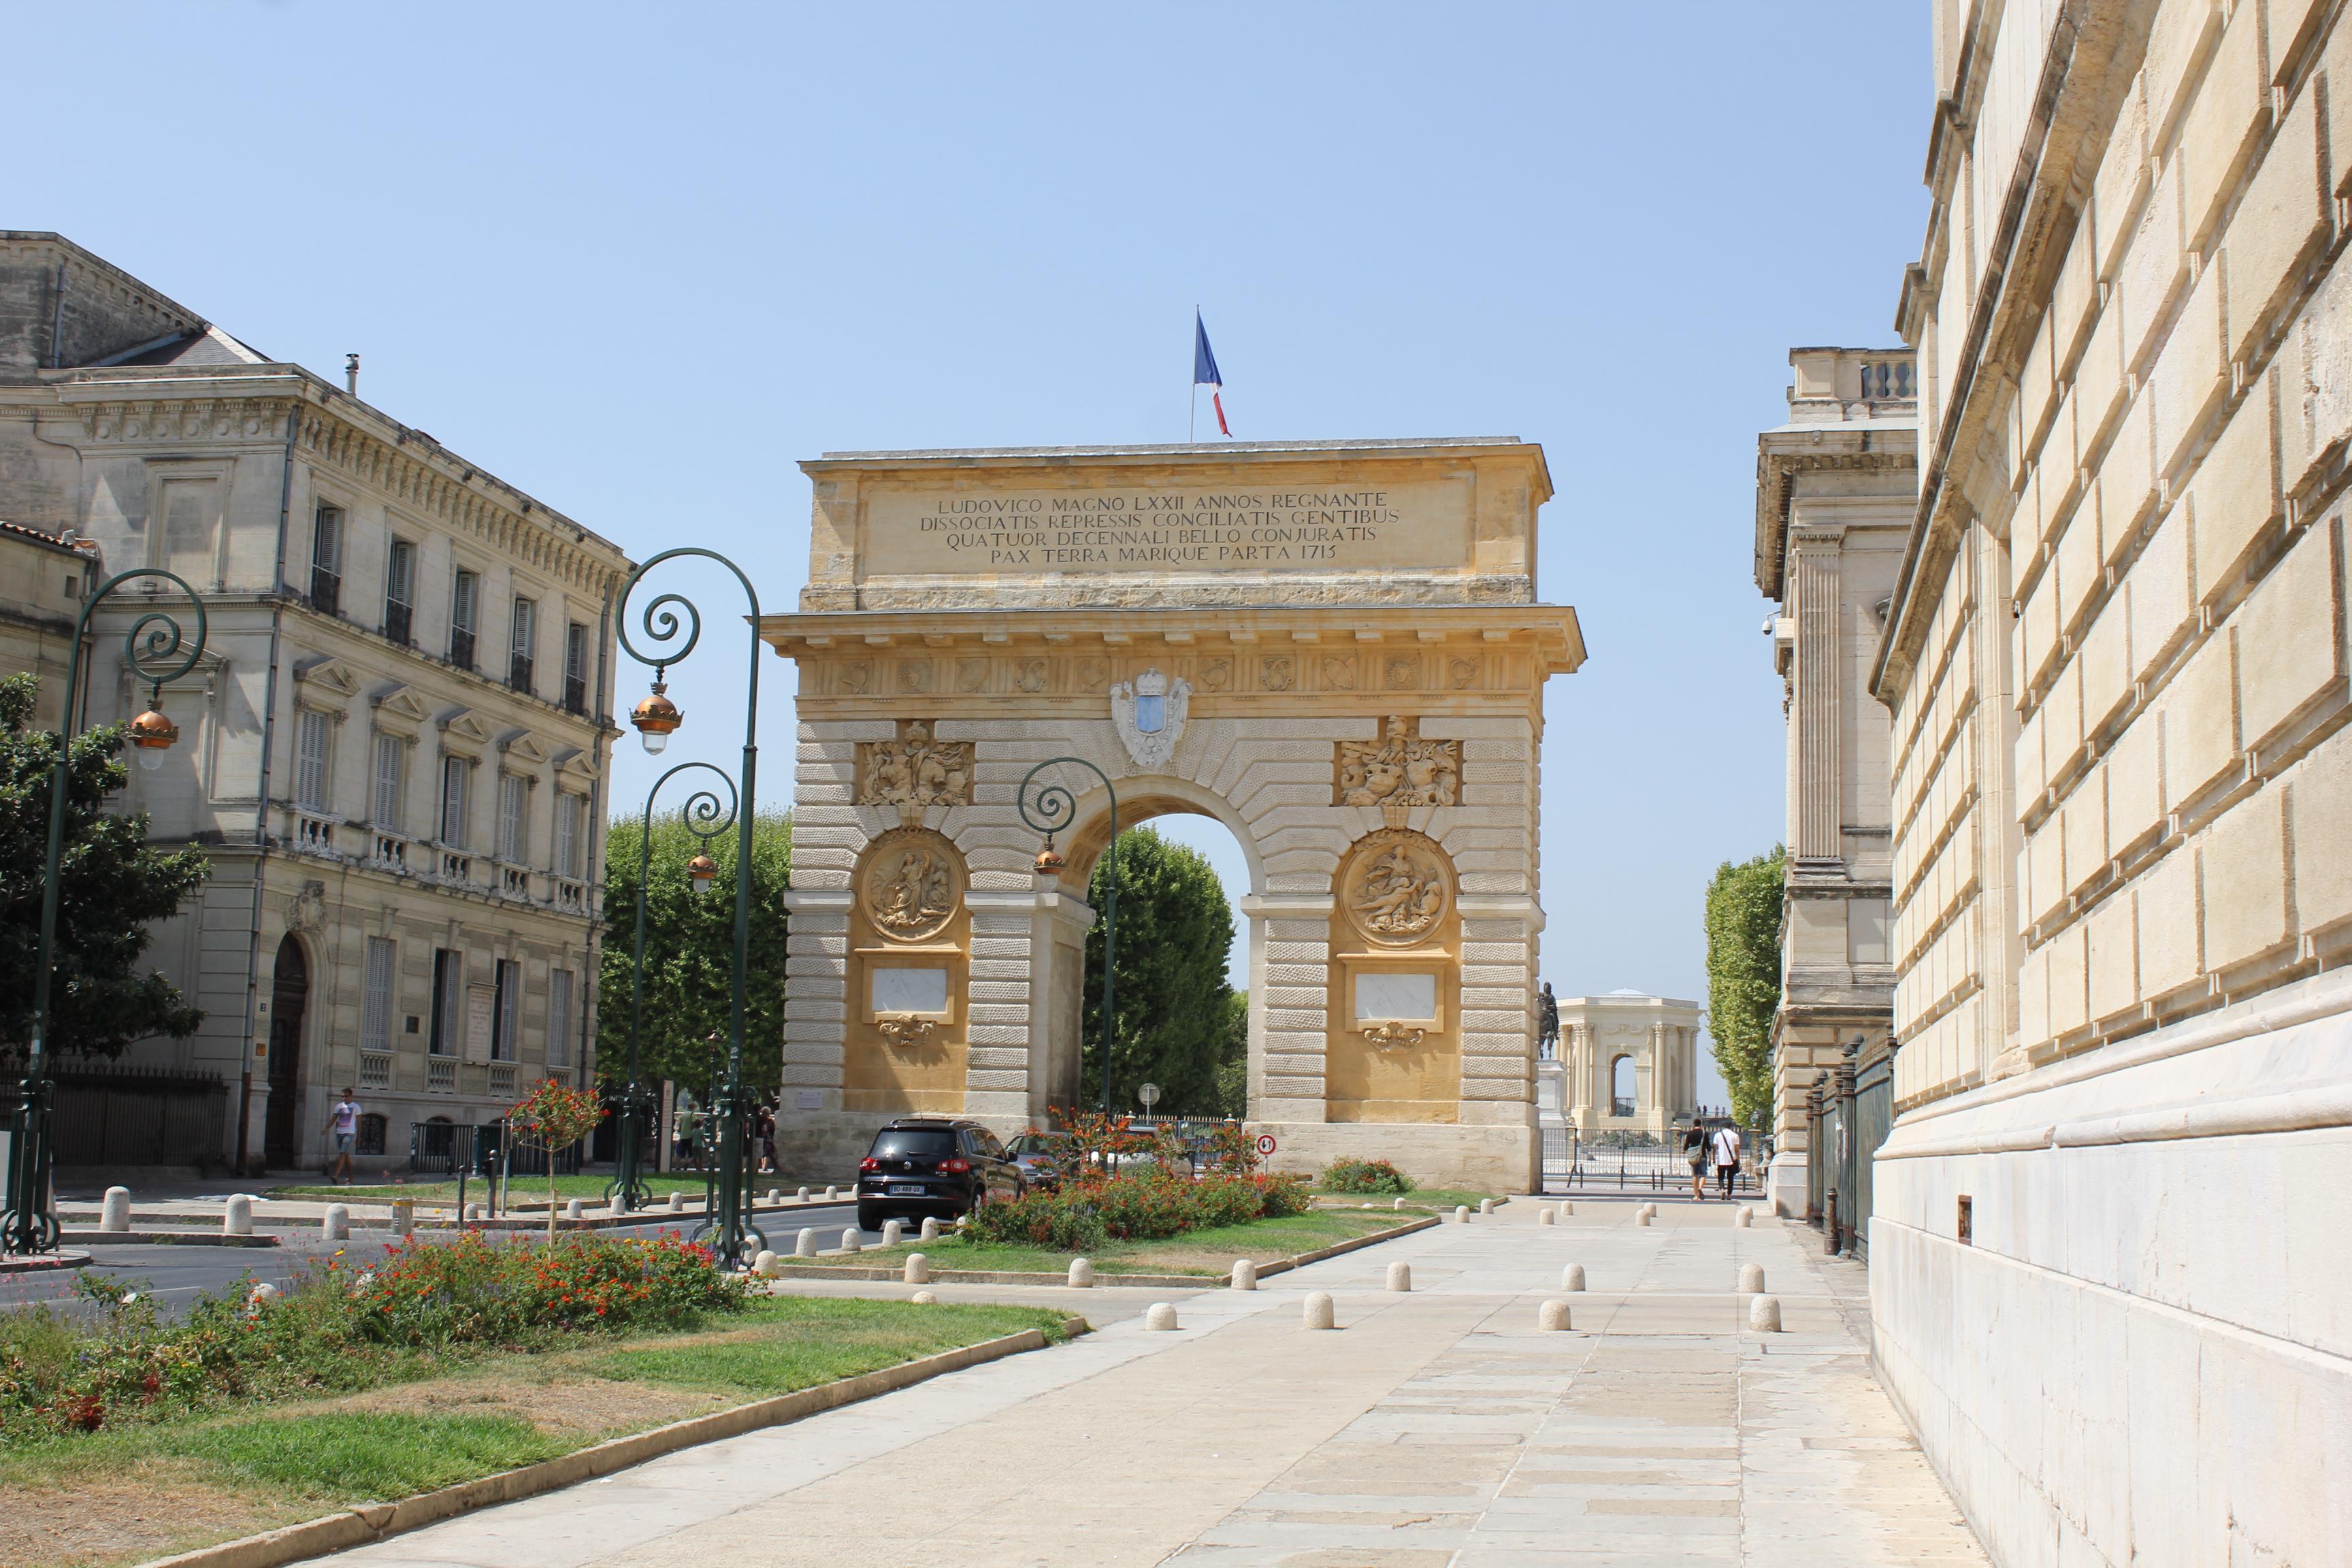 Arc de triomphe peyrou montpellier monument - Arc de triomphe montpellier ...